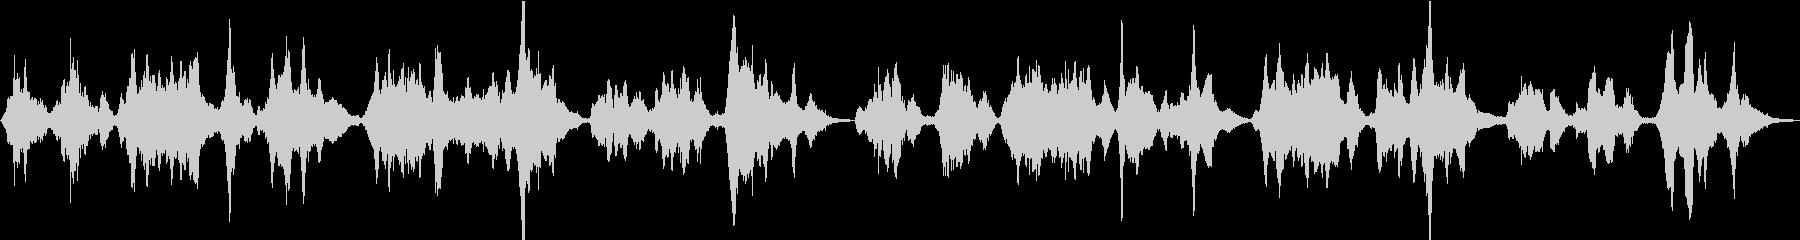 二胡が歌う日本の春「さくらさくら」の未再生の波形